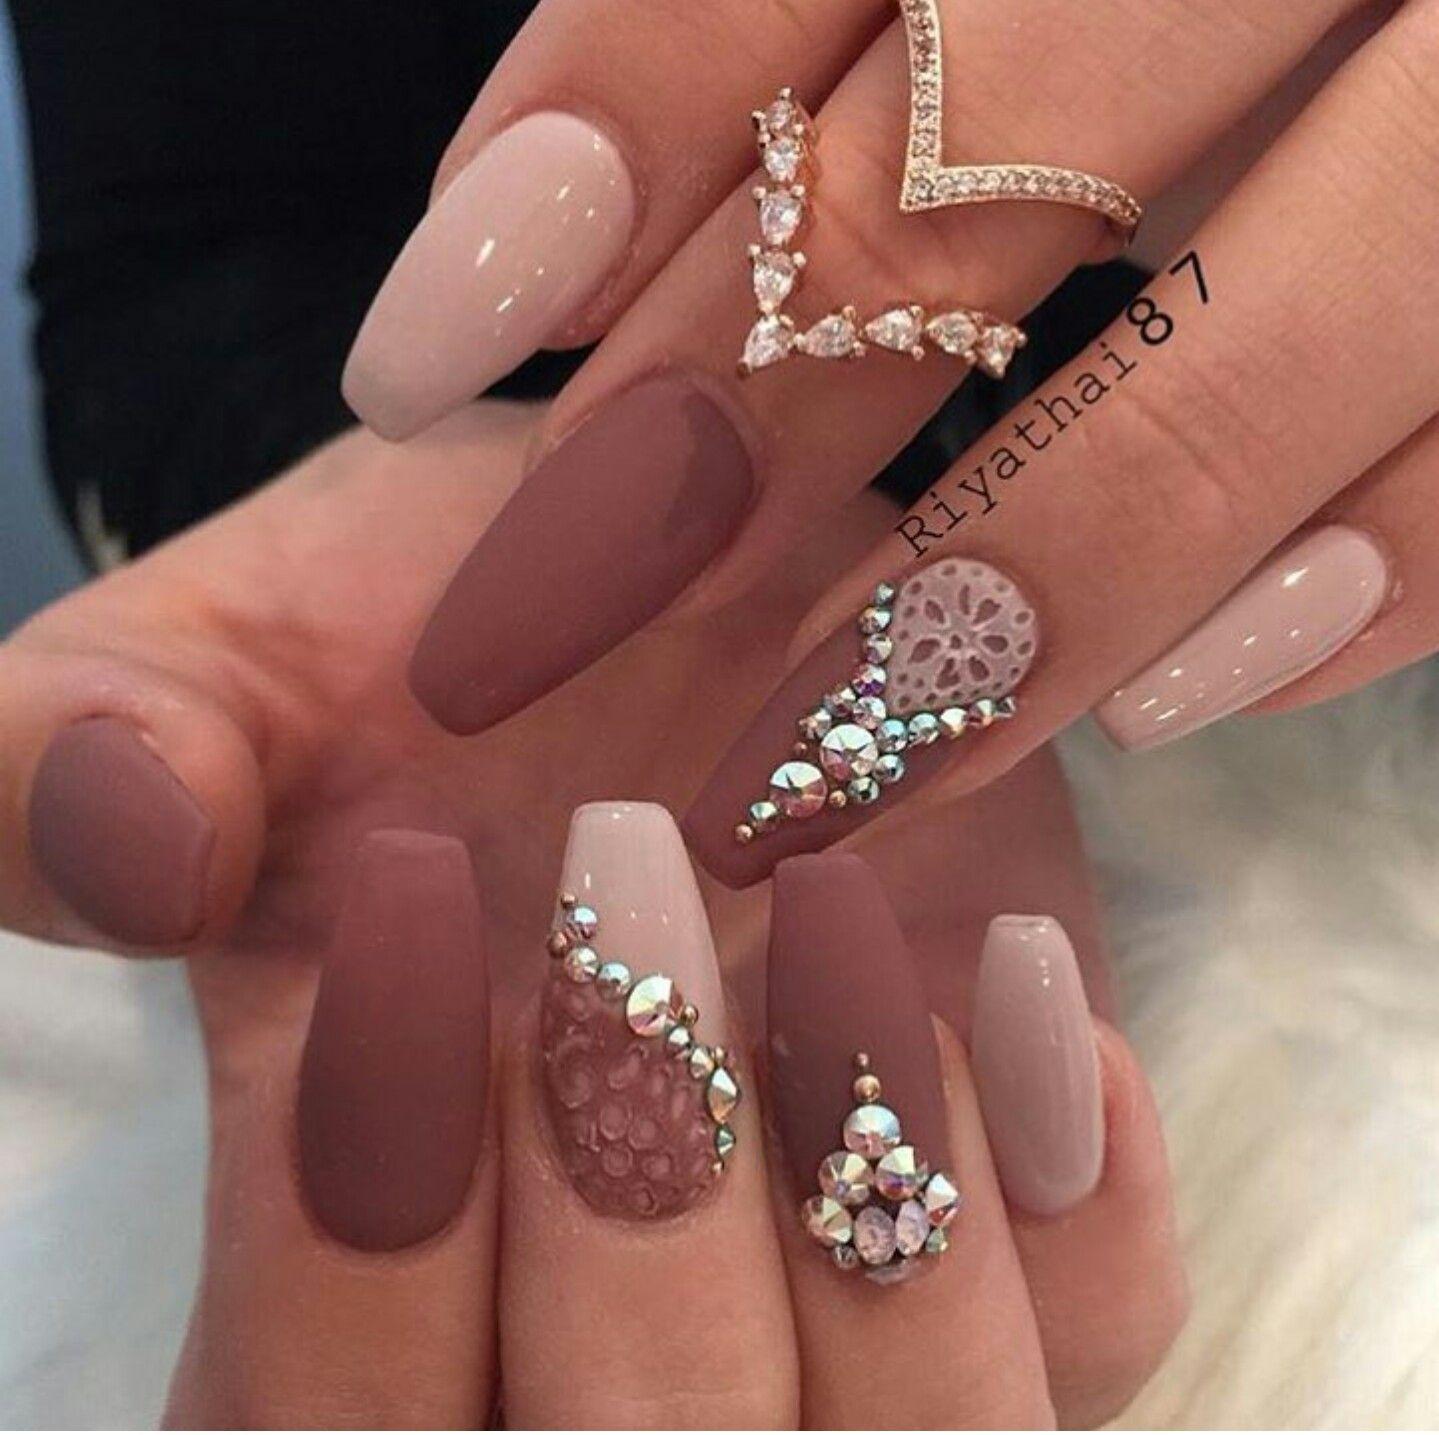 Happy nails · Diamond Nail DesignsDiamond ... - Pin By Vilma Arreaga On Uñas!!! Pinterest Nail Nail, Makeup And